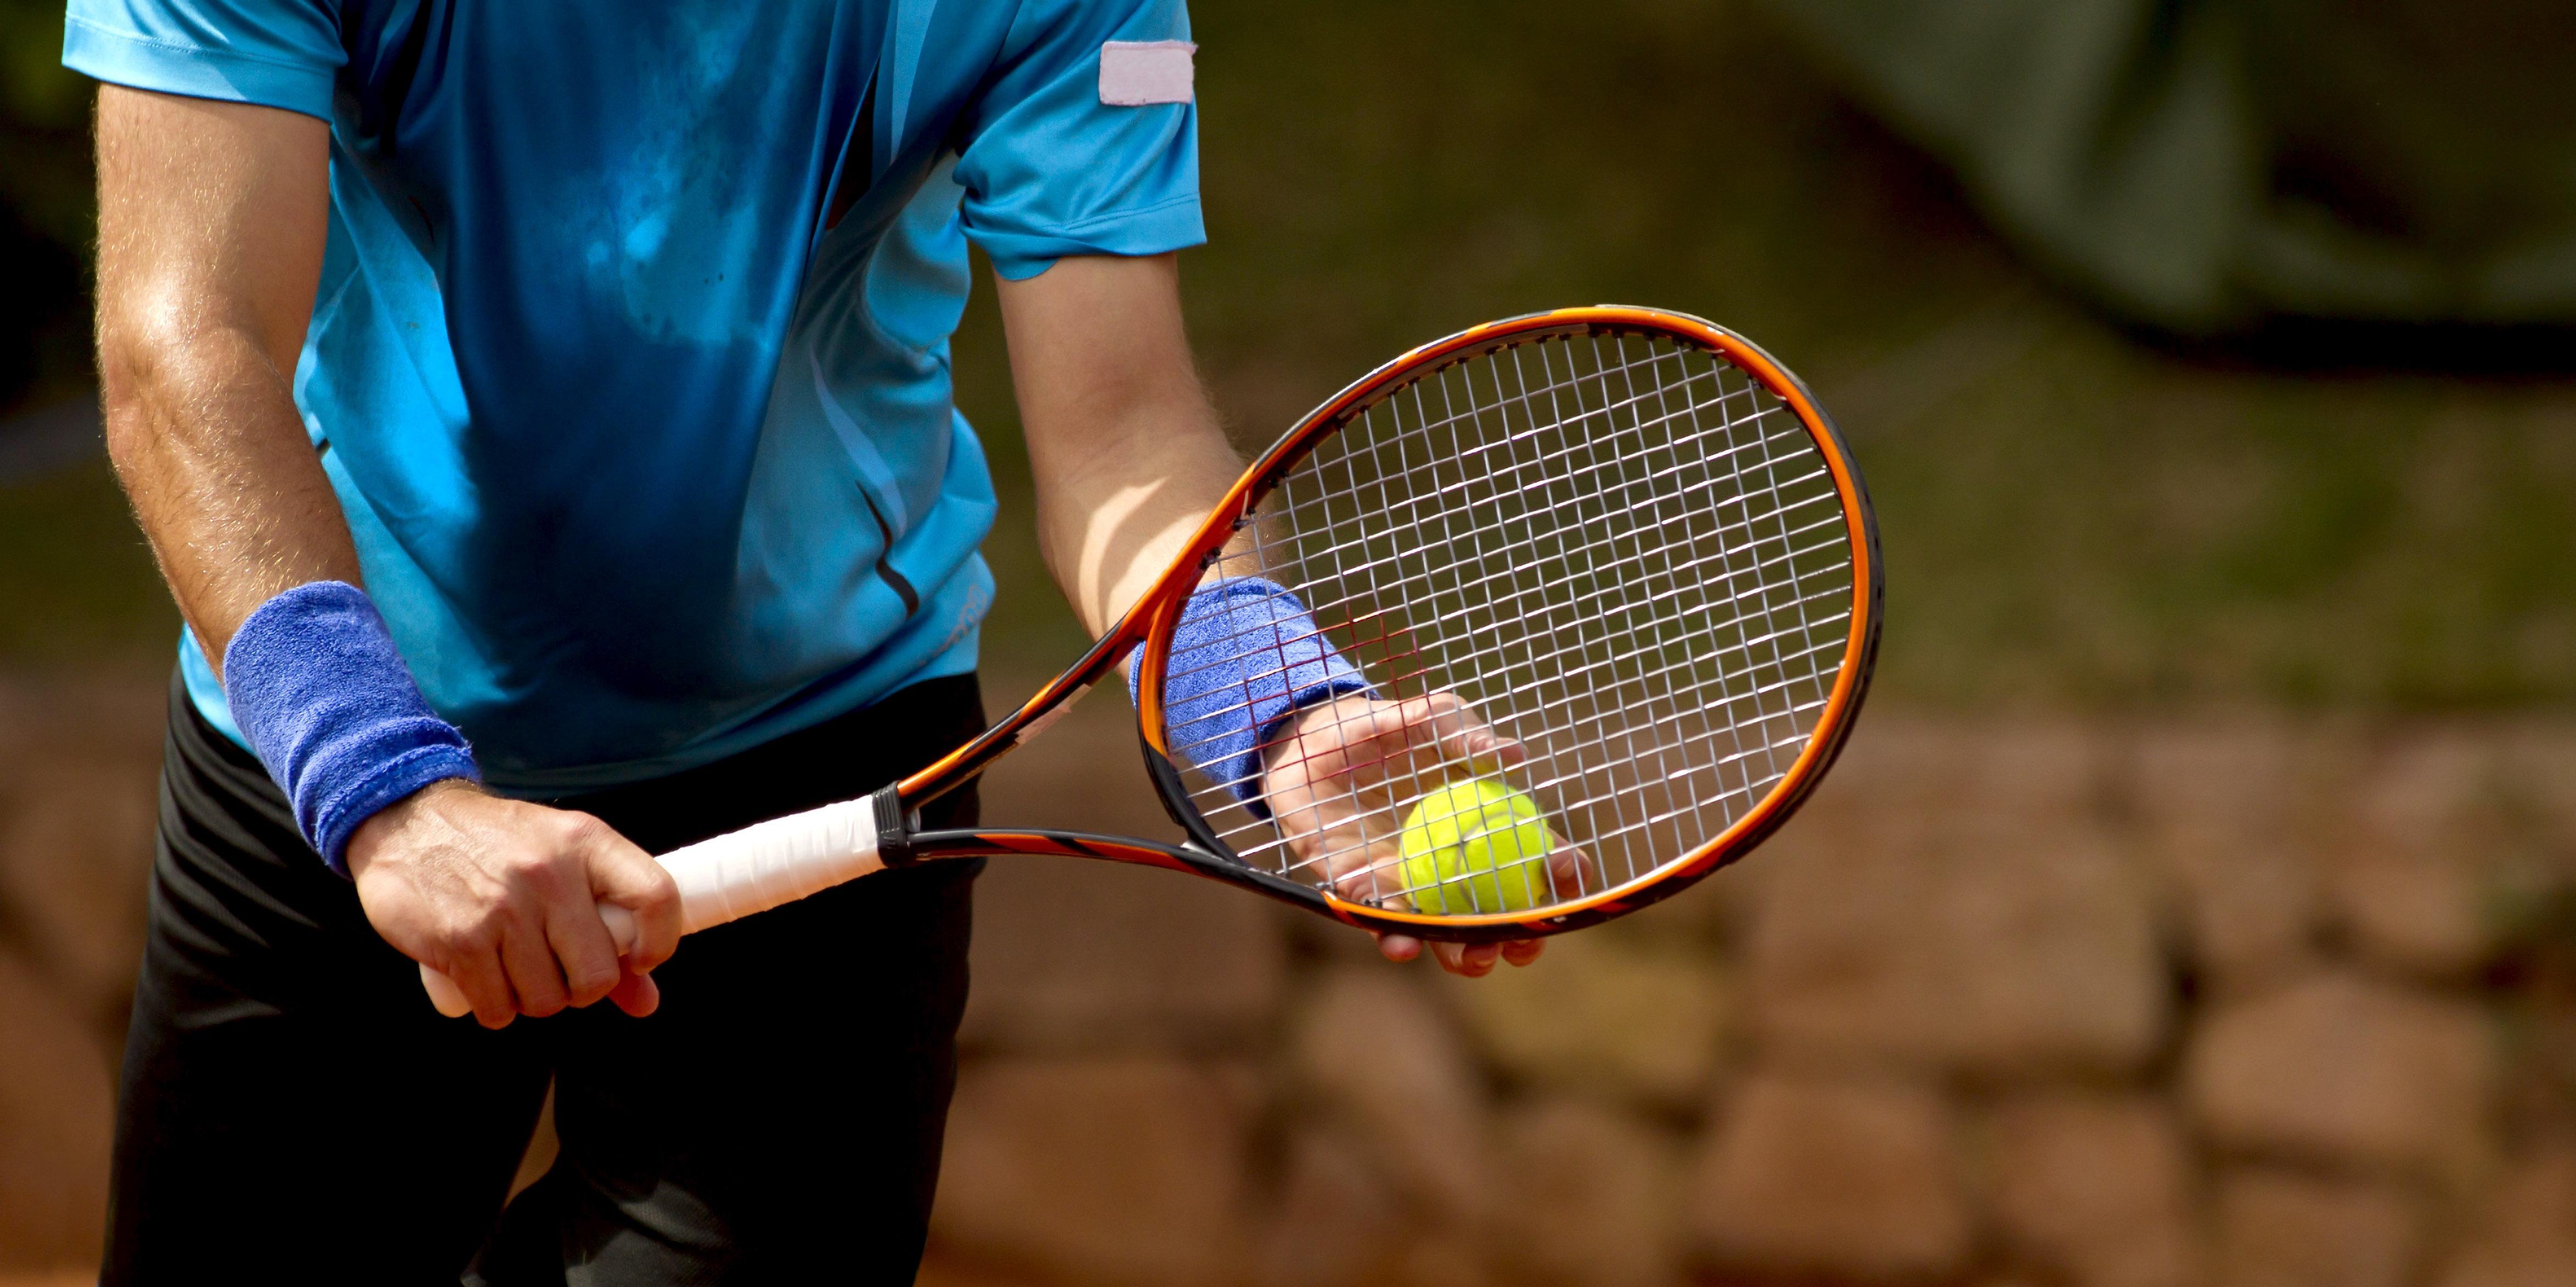 Adult beginners tennis group 5-weeks course - Saturdays